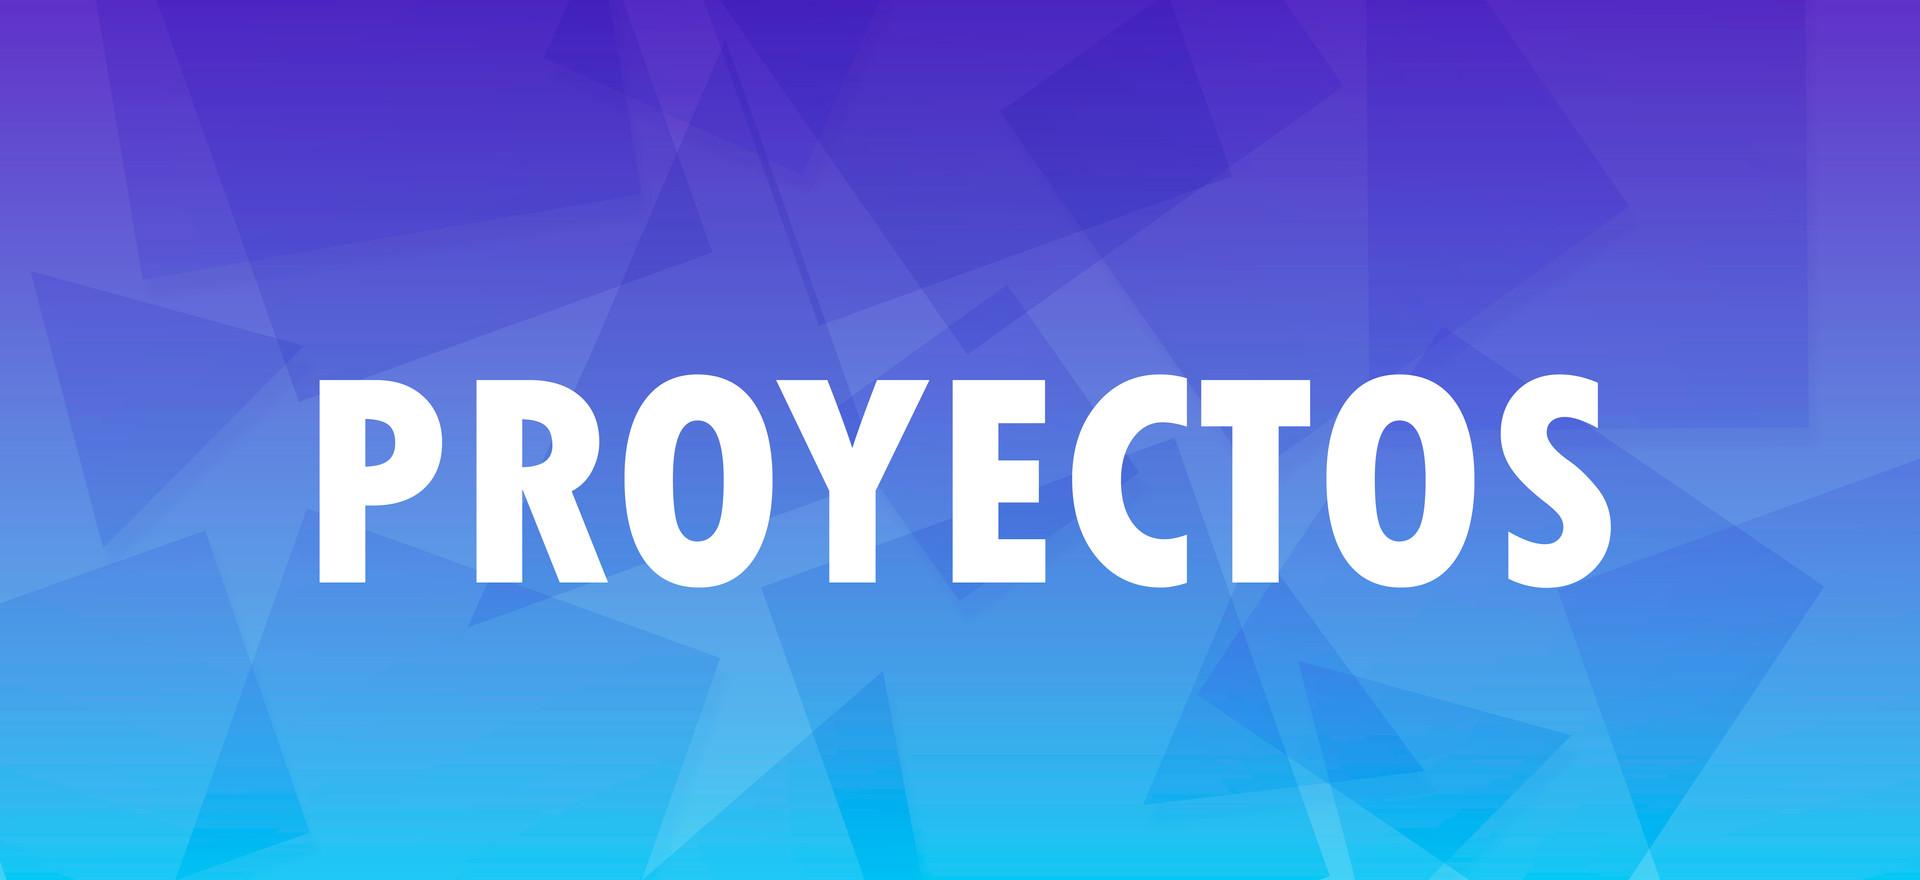 PROYECTOS-02.jpg